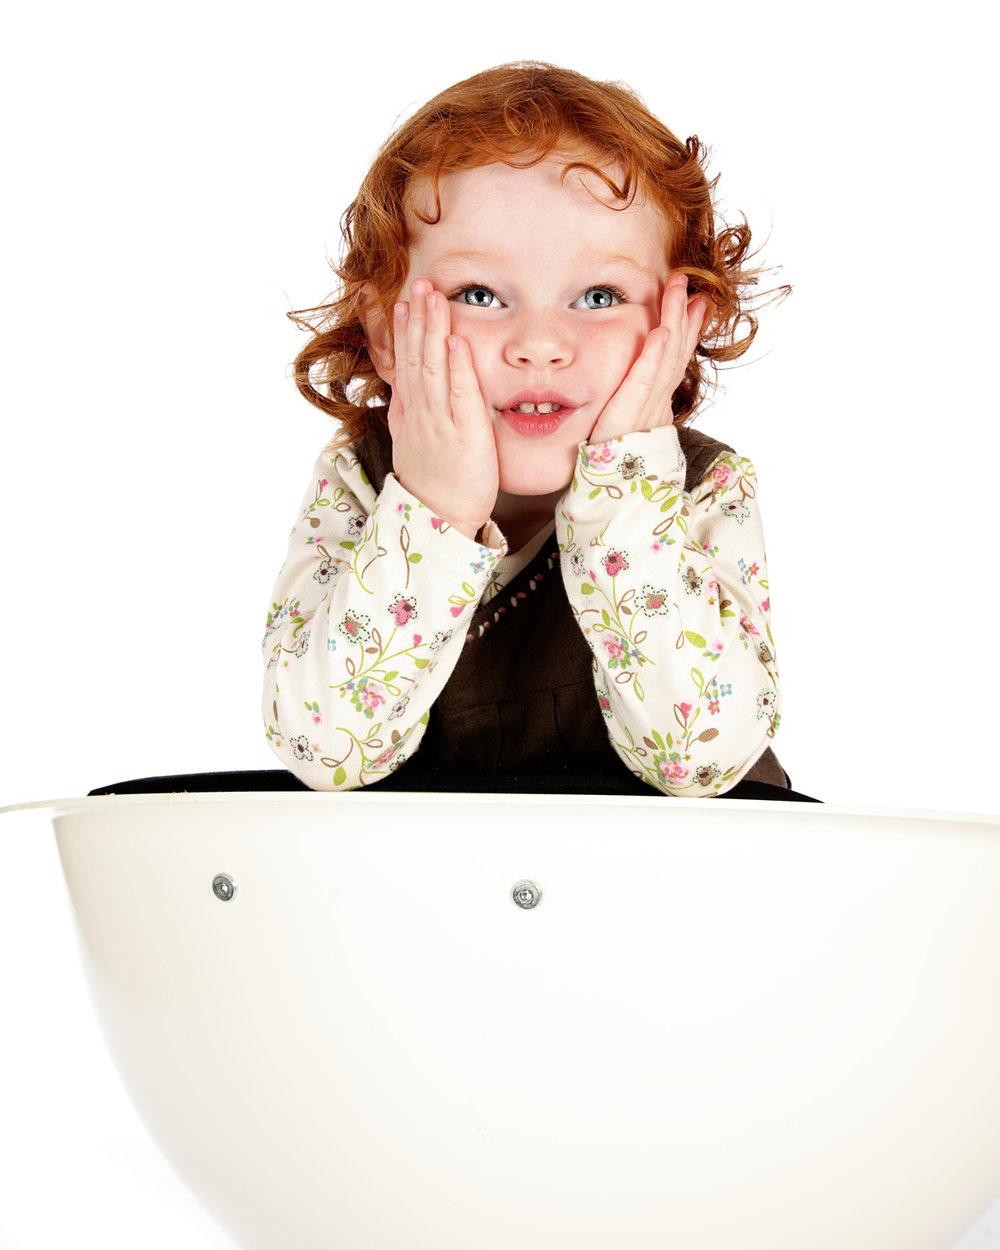 Child_Portrait_Photographer_Newbury_Berkshire_048.jpg